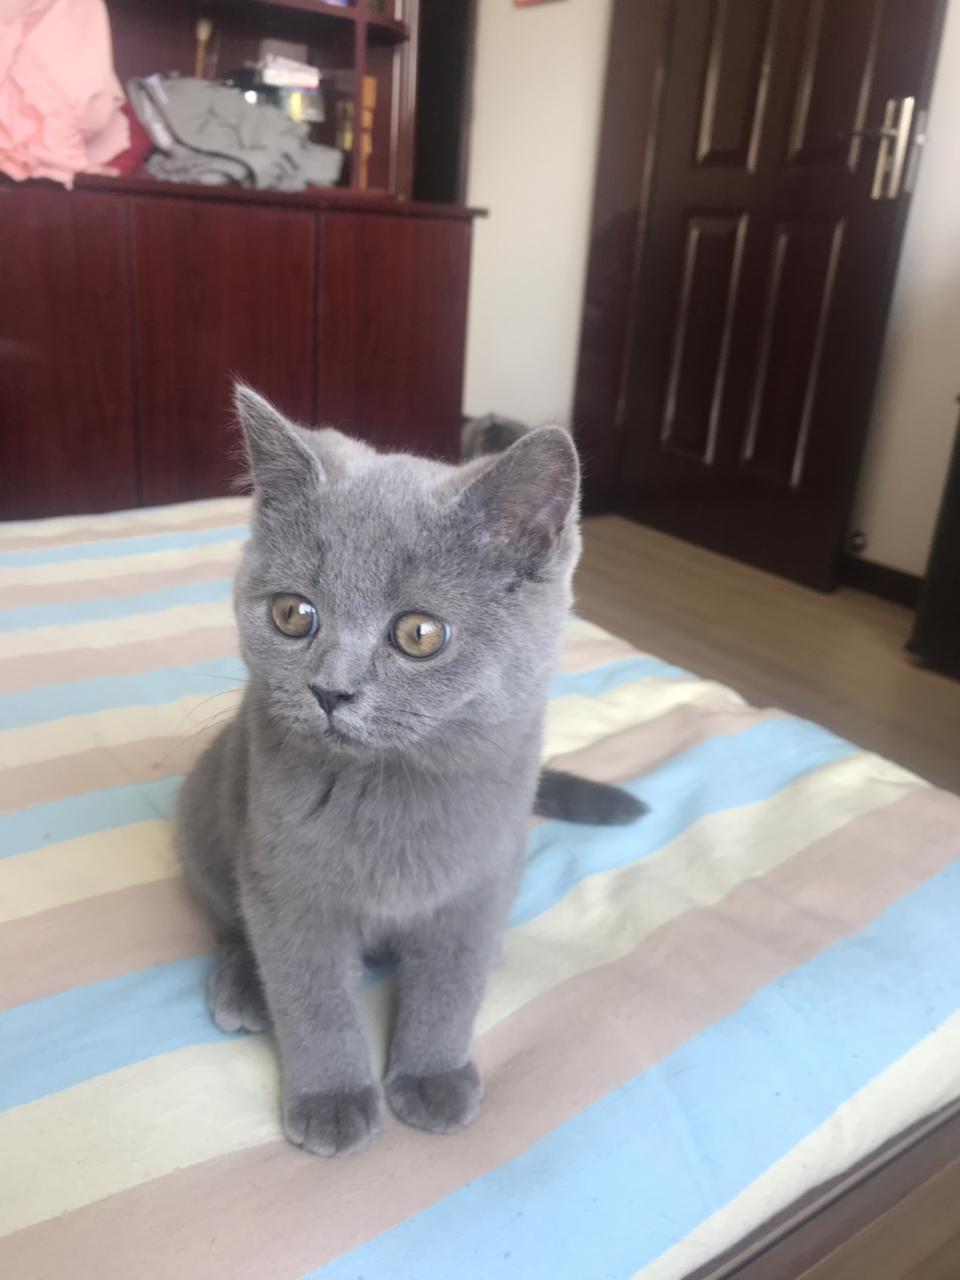 同城出售英短幼猫。